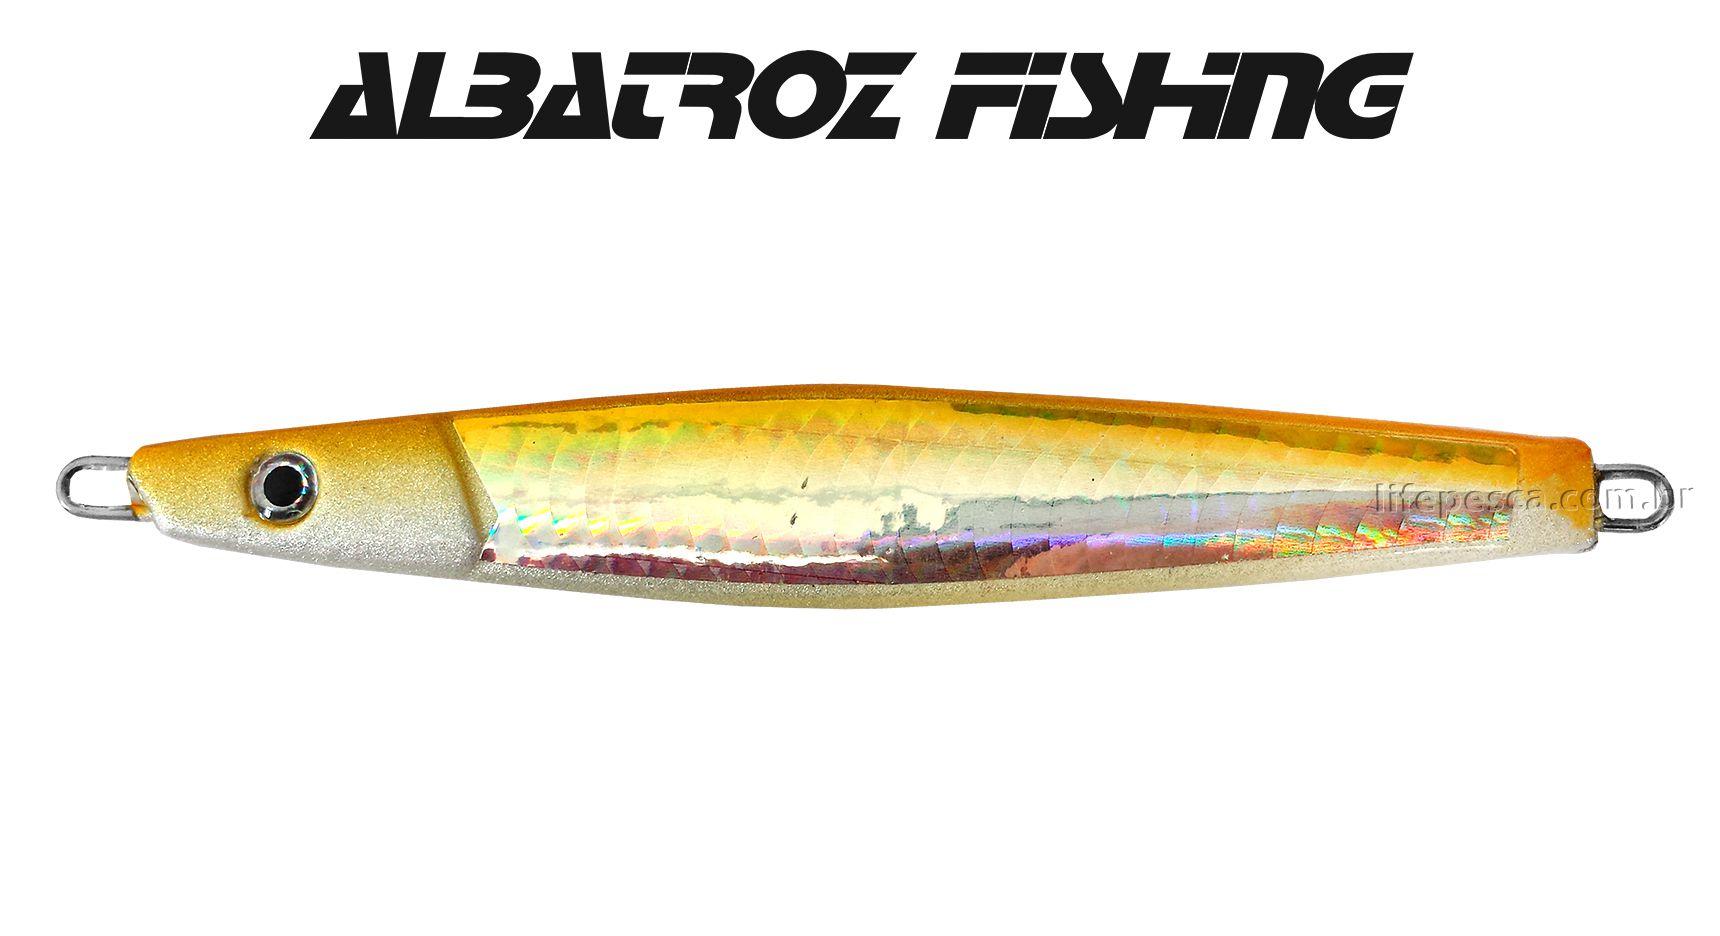 Isca Artificial Albatroz Fishing  Jumping Jig Dragon (60g) - Várias Cores  - Life Pesca - Sua loja de Pesca, Camping e Lazer